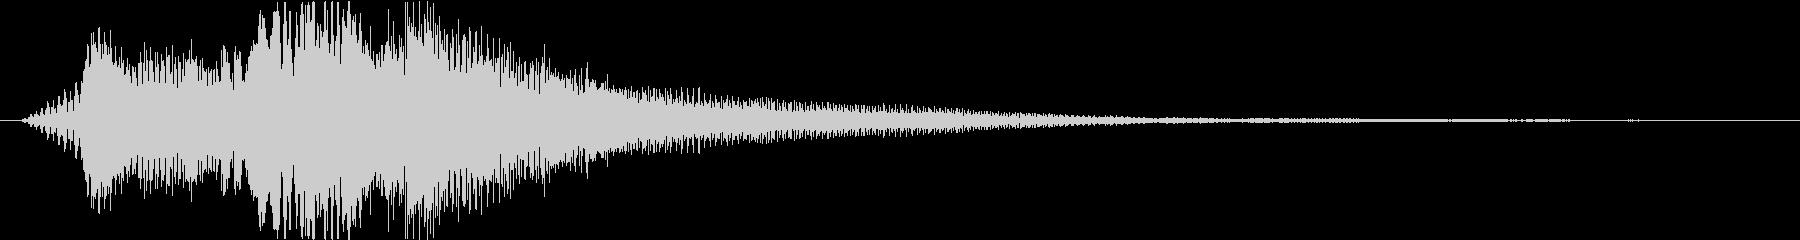 ロゴ ジングル ピアノ 透明感 きらきらの未再生の波形